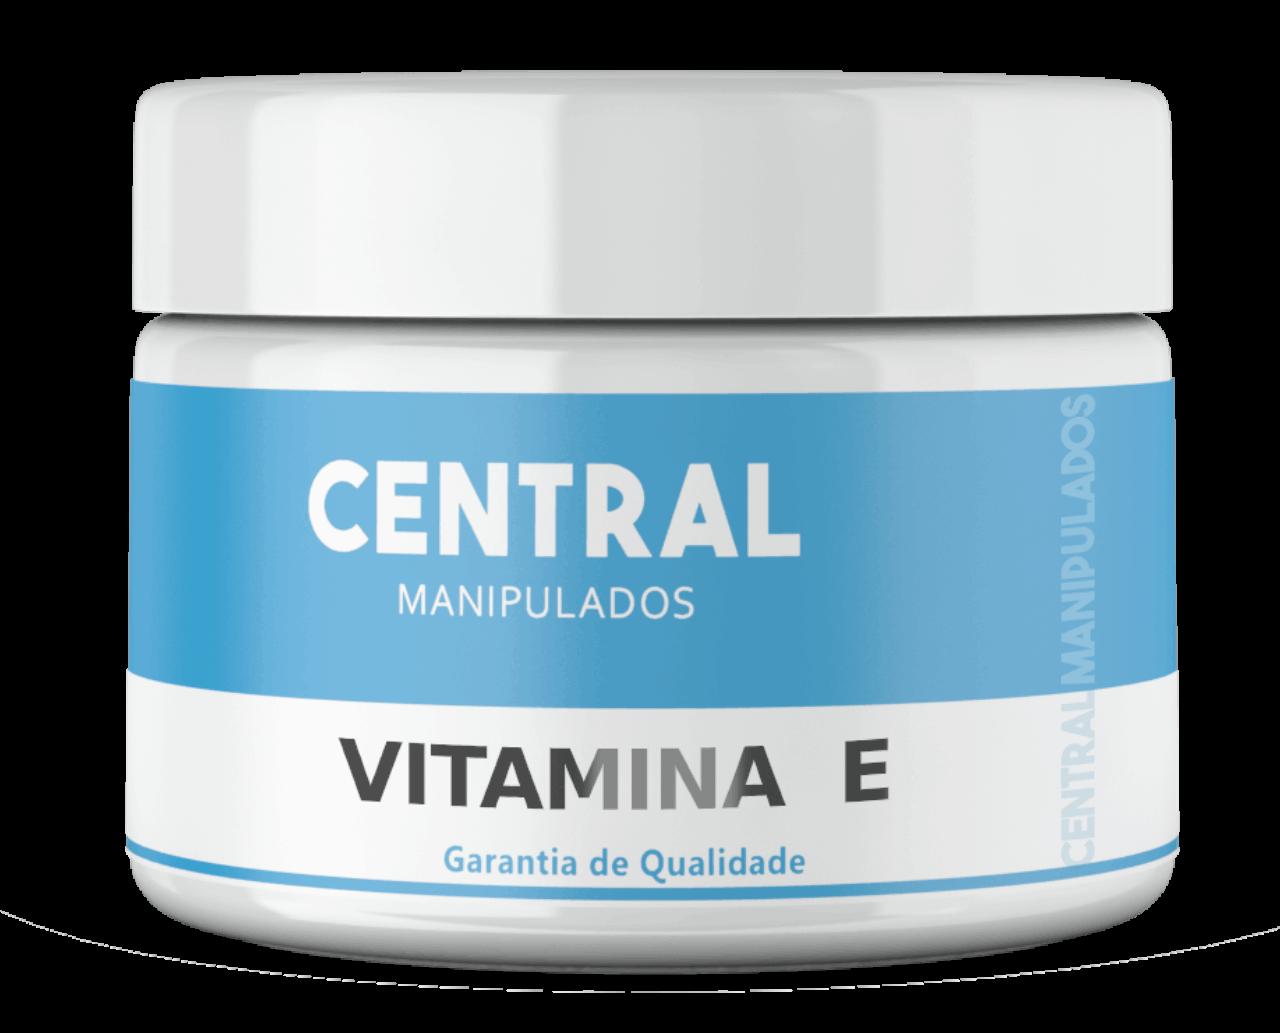 Vitamina E 2% - Creme 100g - Antioxidante para Pele, Anti-envelhecimento celular